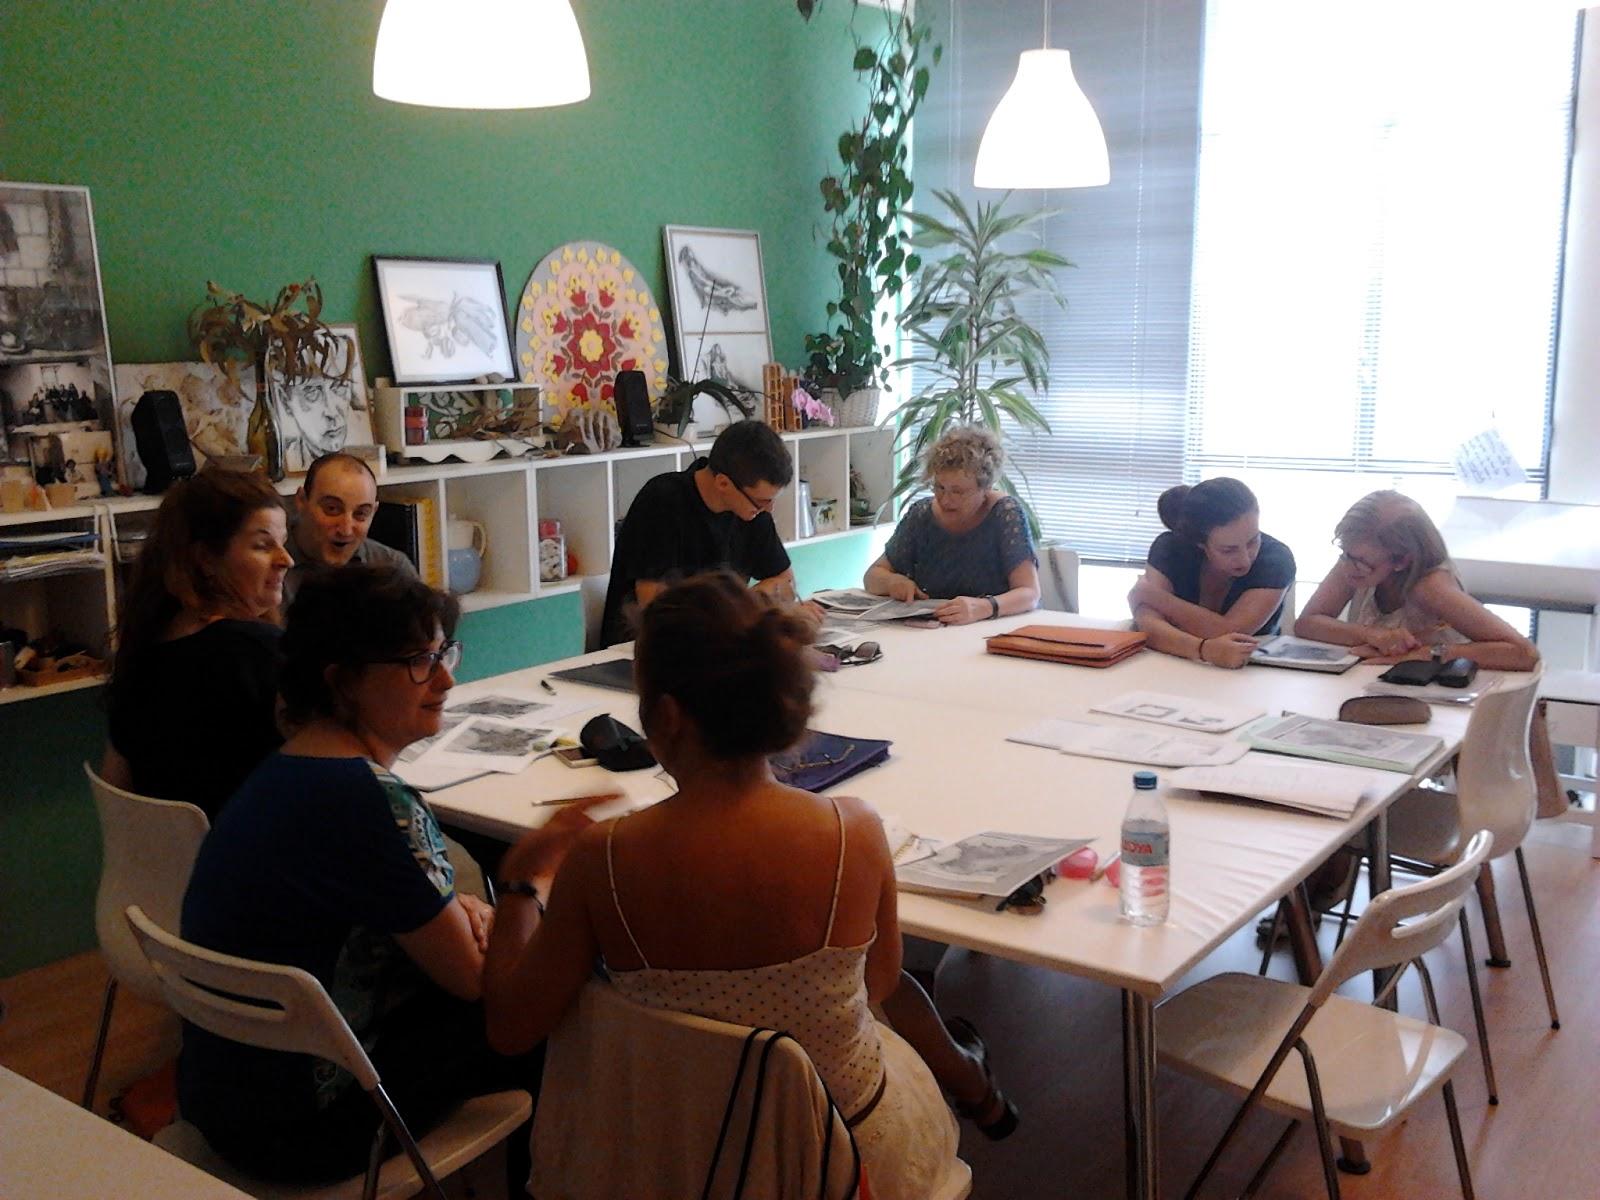 élèves qui travaillent dans le cours intensif de français d'été 2014